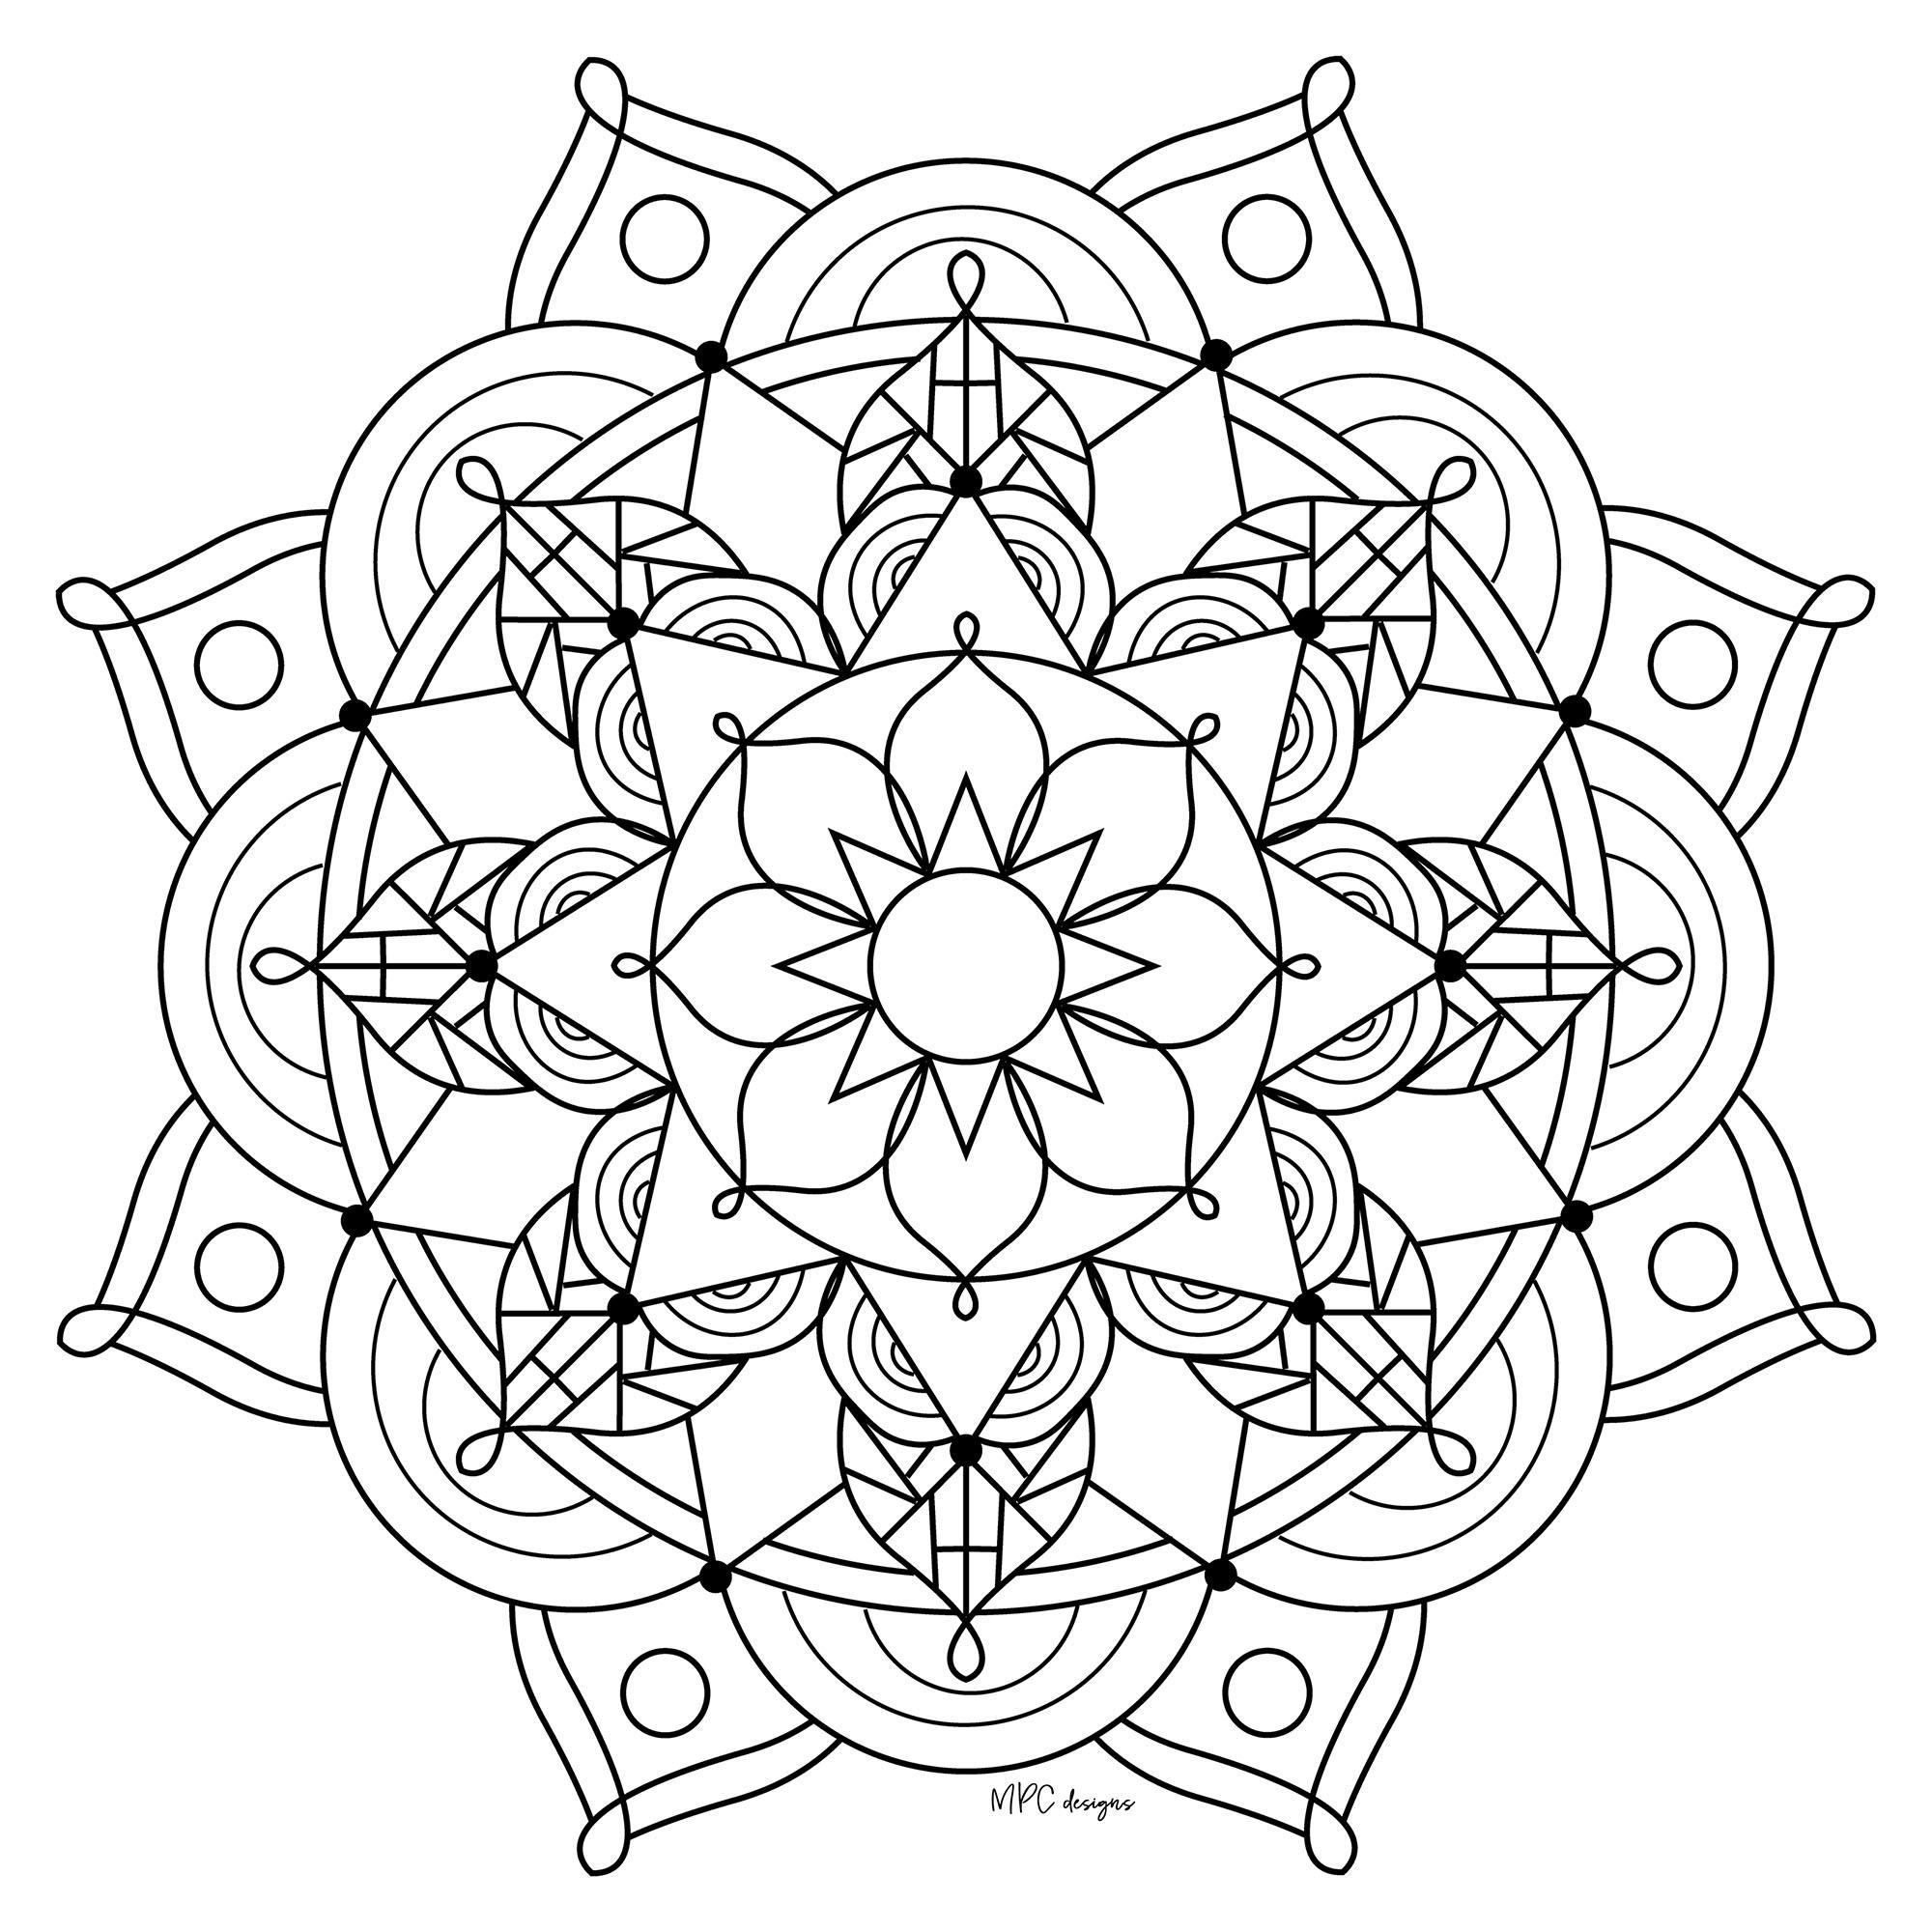 Mandala Gratuit Mpc Design 9 - Coloriage Mandalas pour Mandala À Colorier Et À Imprimer Gratuit